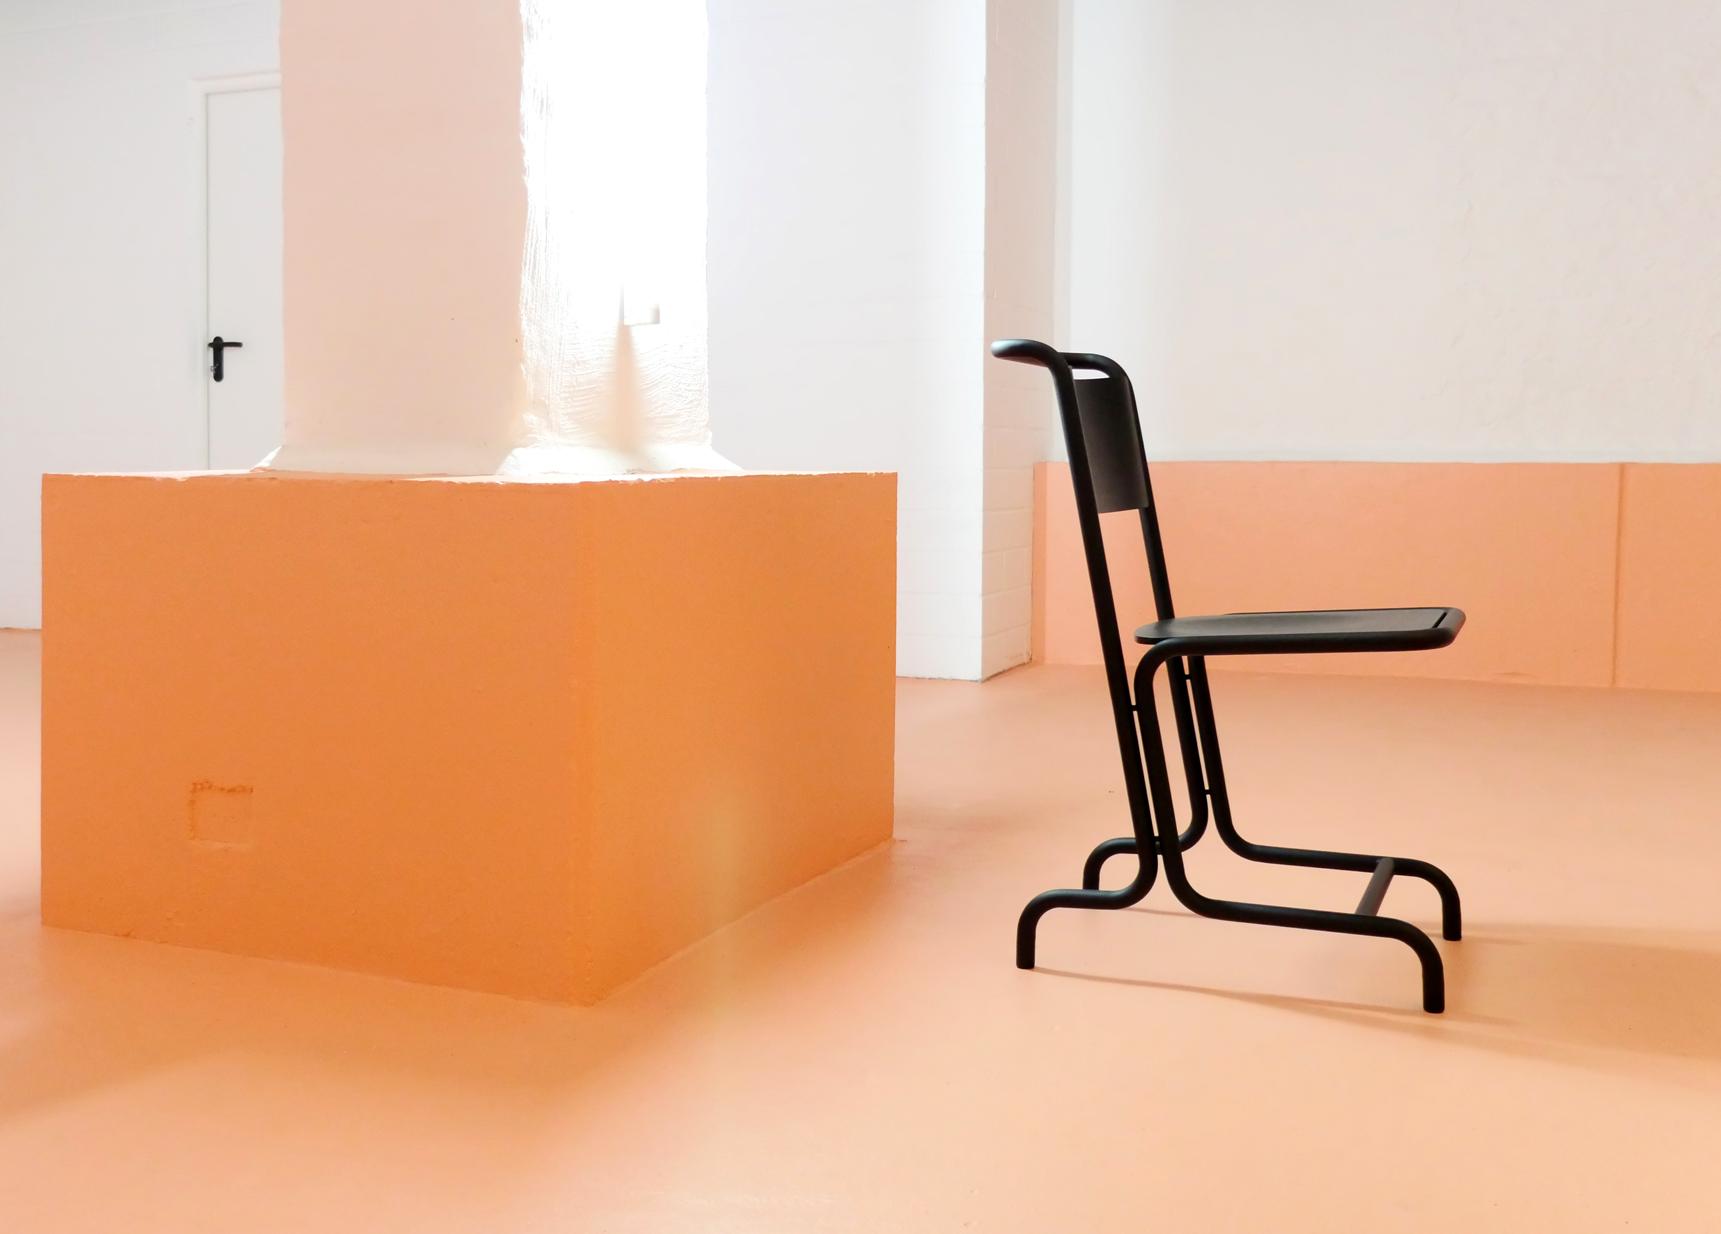 Chair Laszlo design Andrew Weissert, iron chair